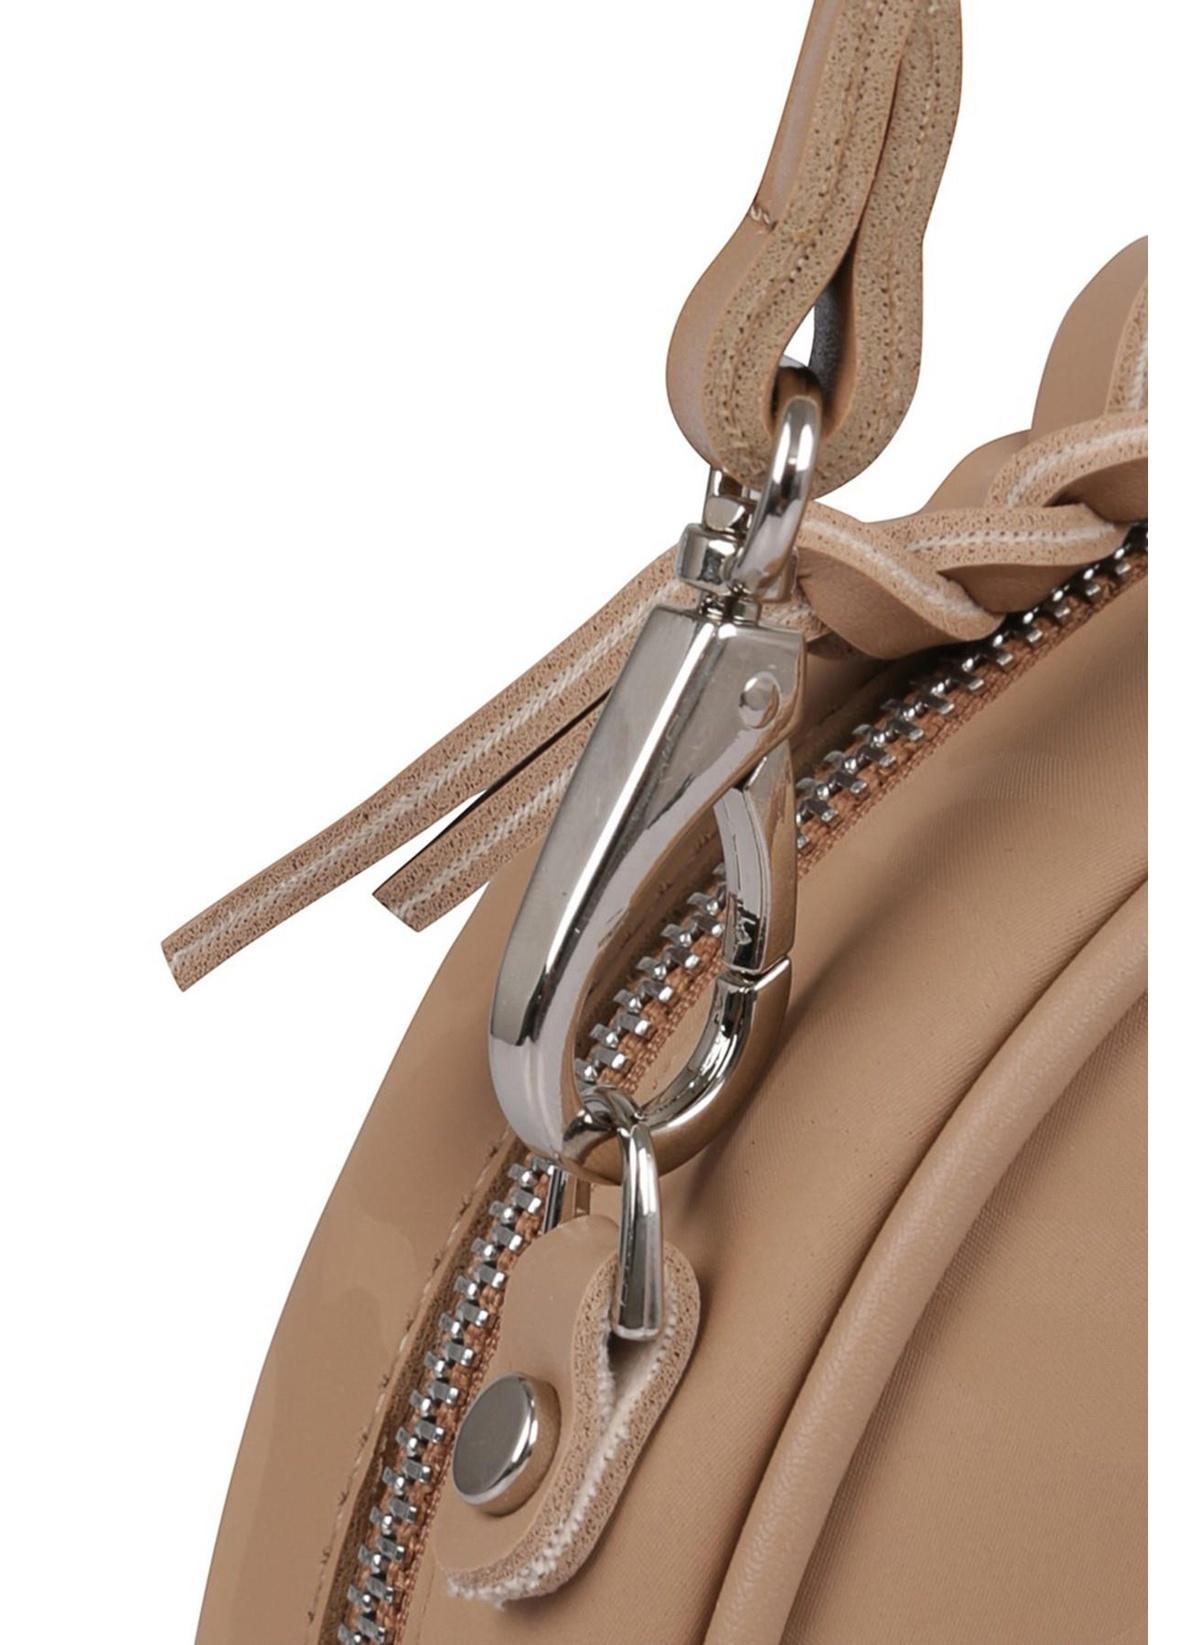 dbc58df21c059 Beverly Hills Polo Club Kadın Bel Çantası Camel | Morhipo | 23652728